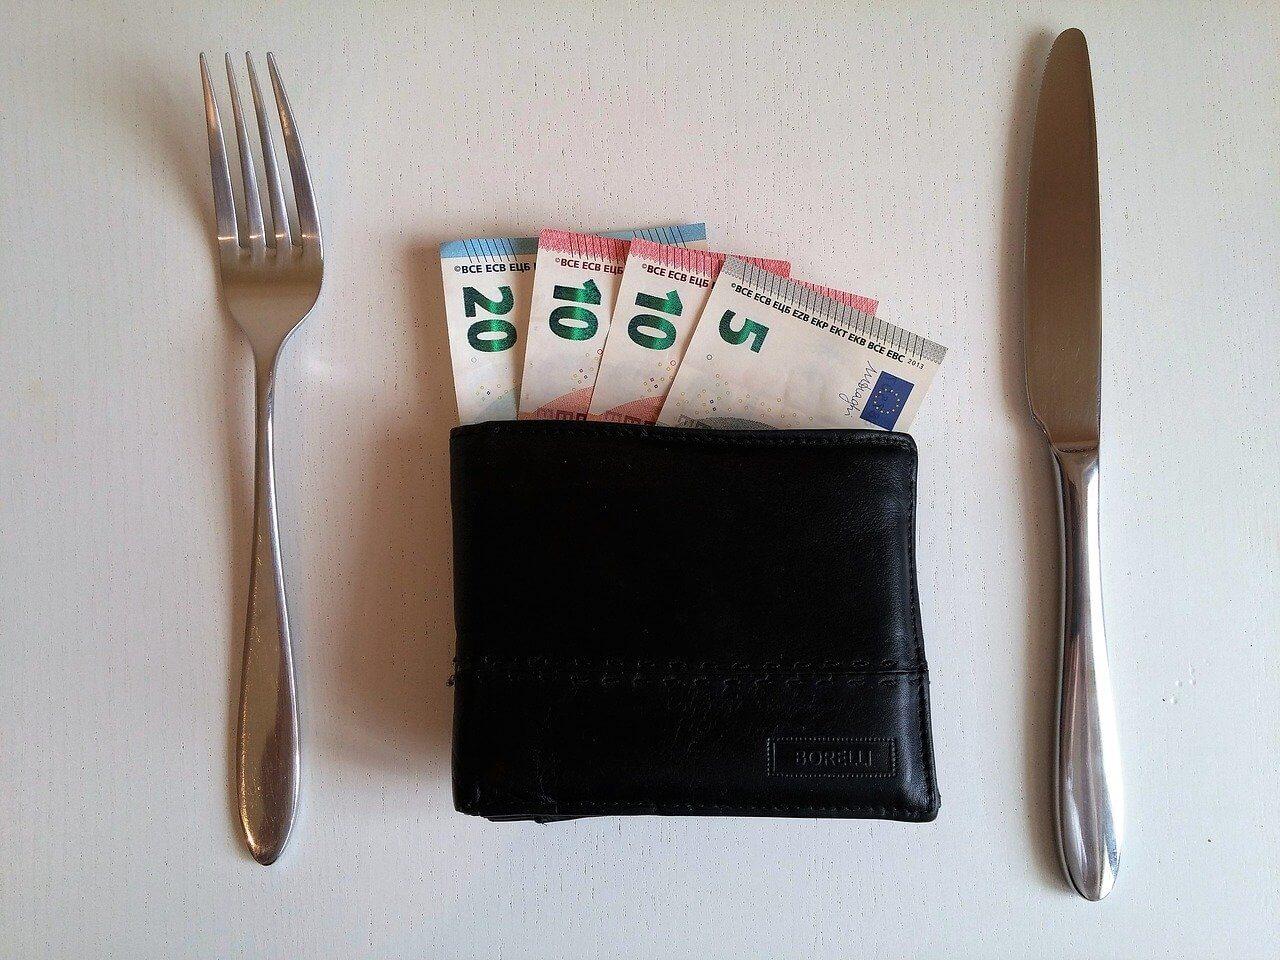 Verdienst: Mindestlohn zum 1.1.2020 erhöht